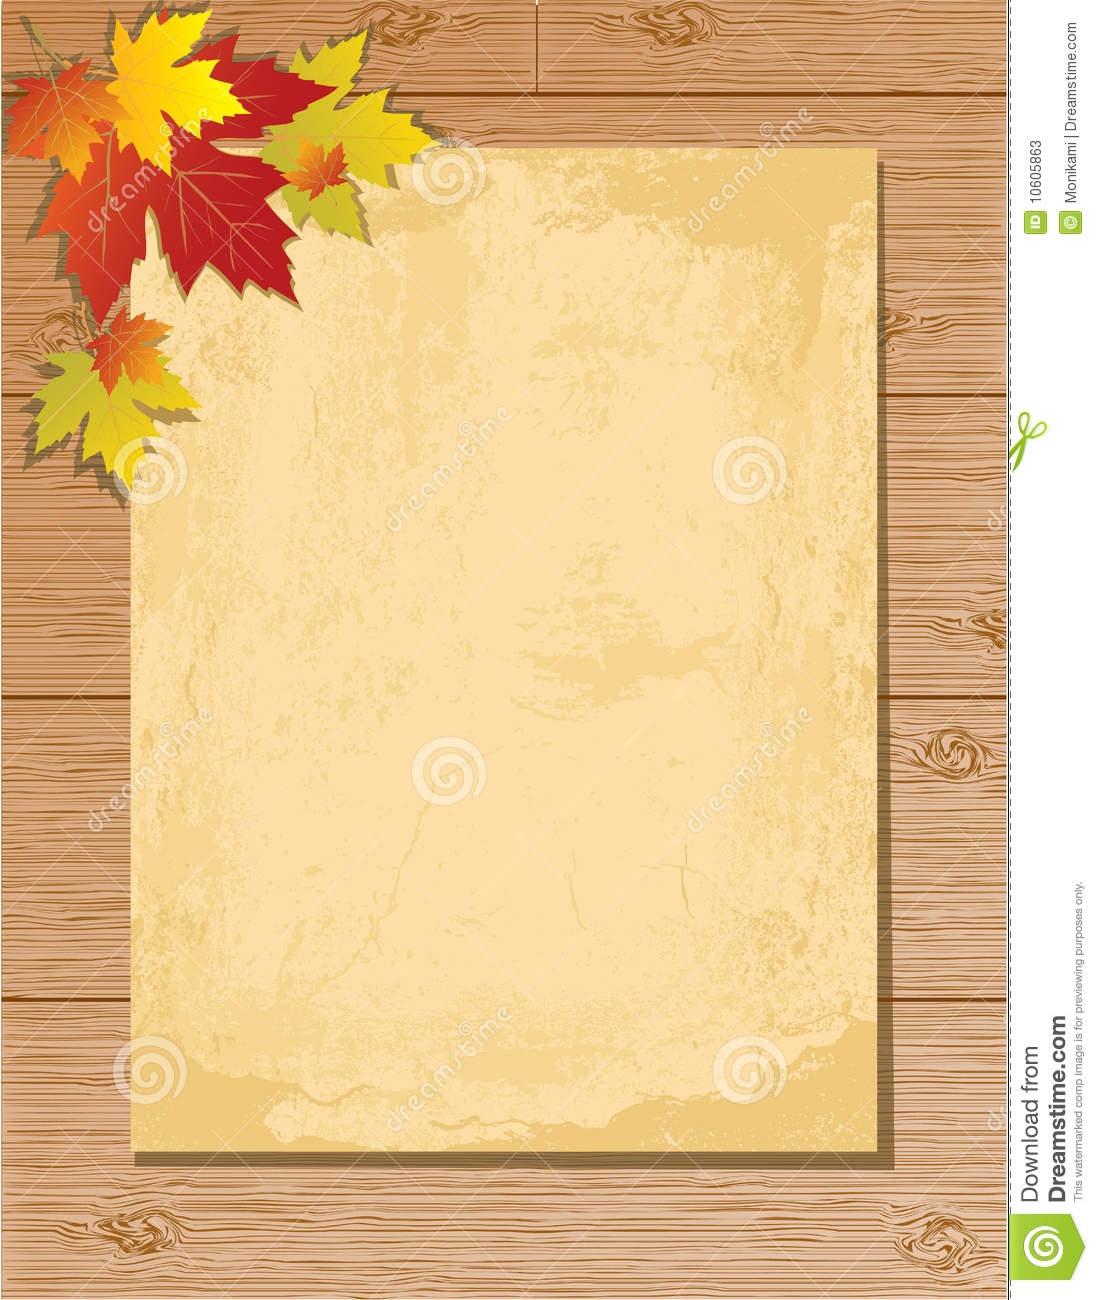 100 old paper powerpoint template here is a free old brown old paper powerpoint template letter background images wallpapersafari toneelgroepblik Gallery